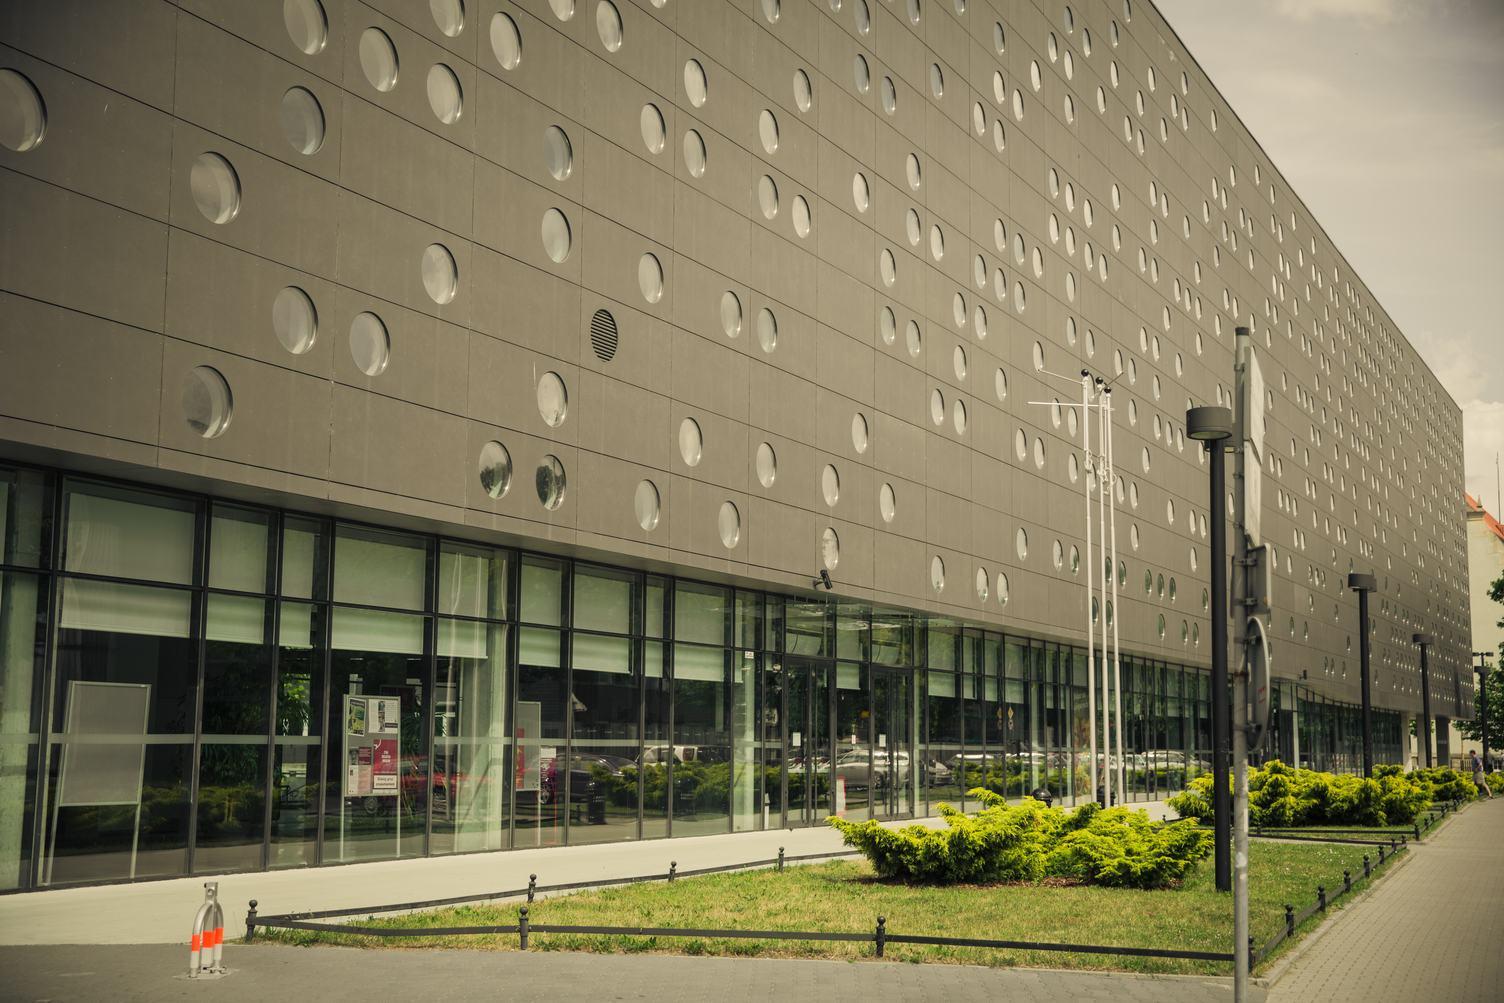 Modern Dark Building with Round Windows